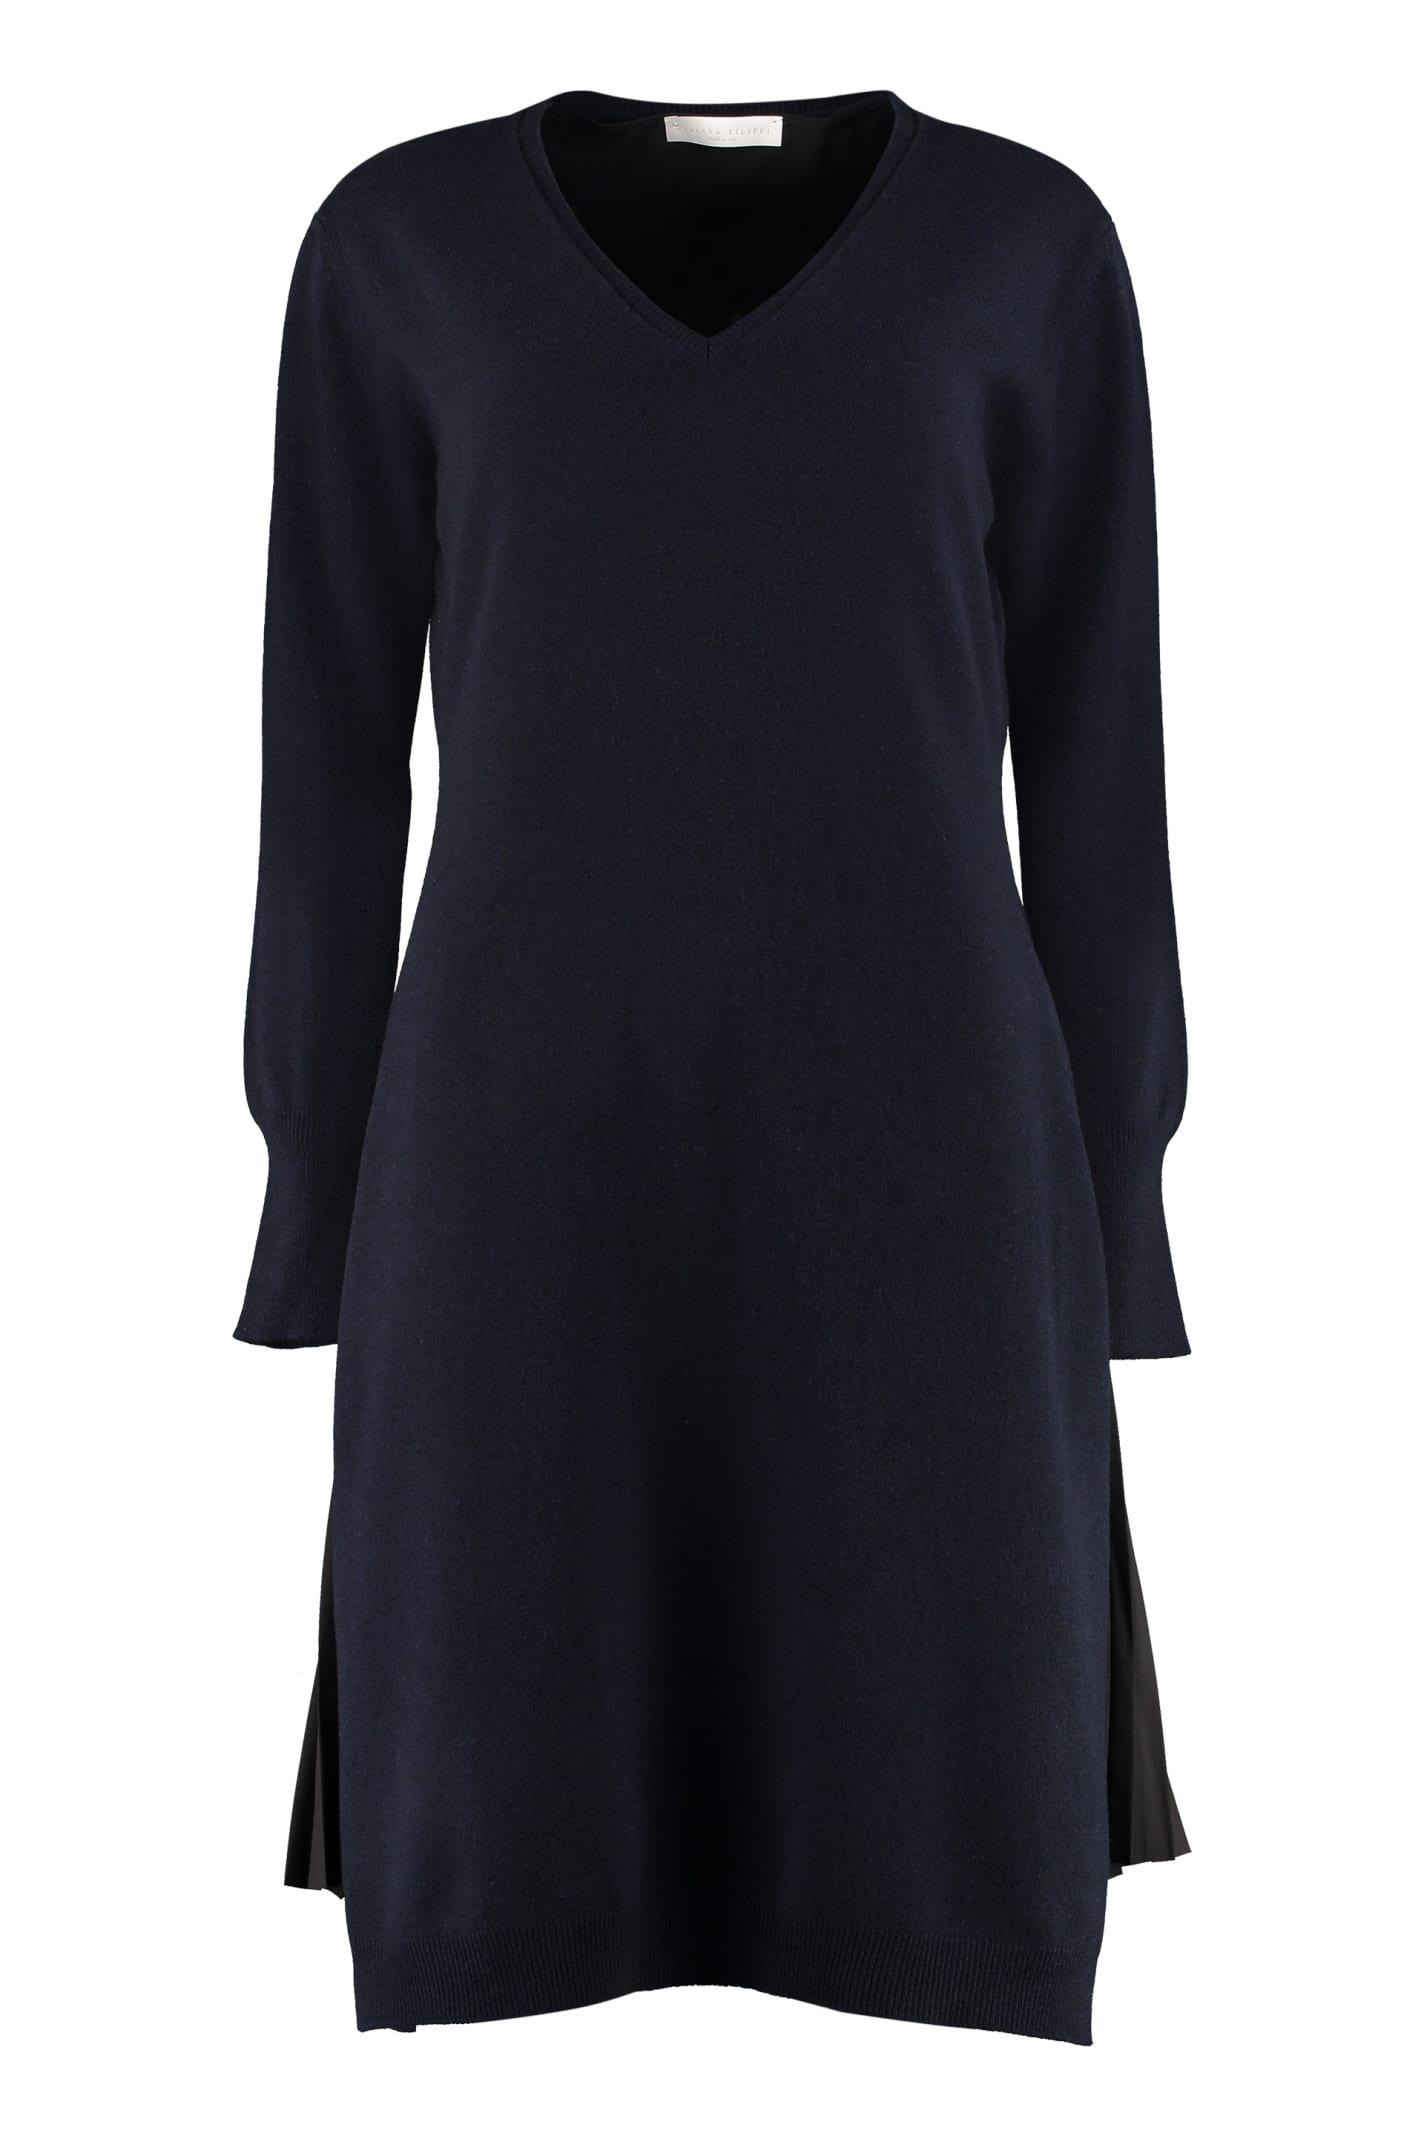 Fabiana Filippi Wool Blend Sweater Dress